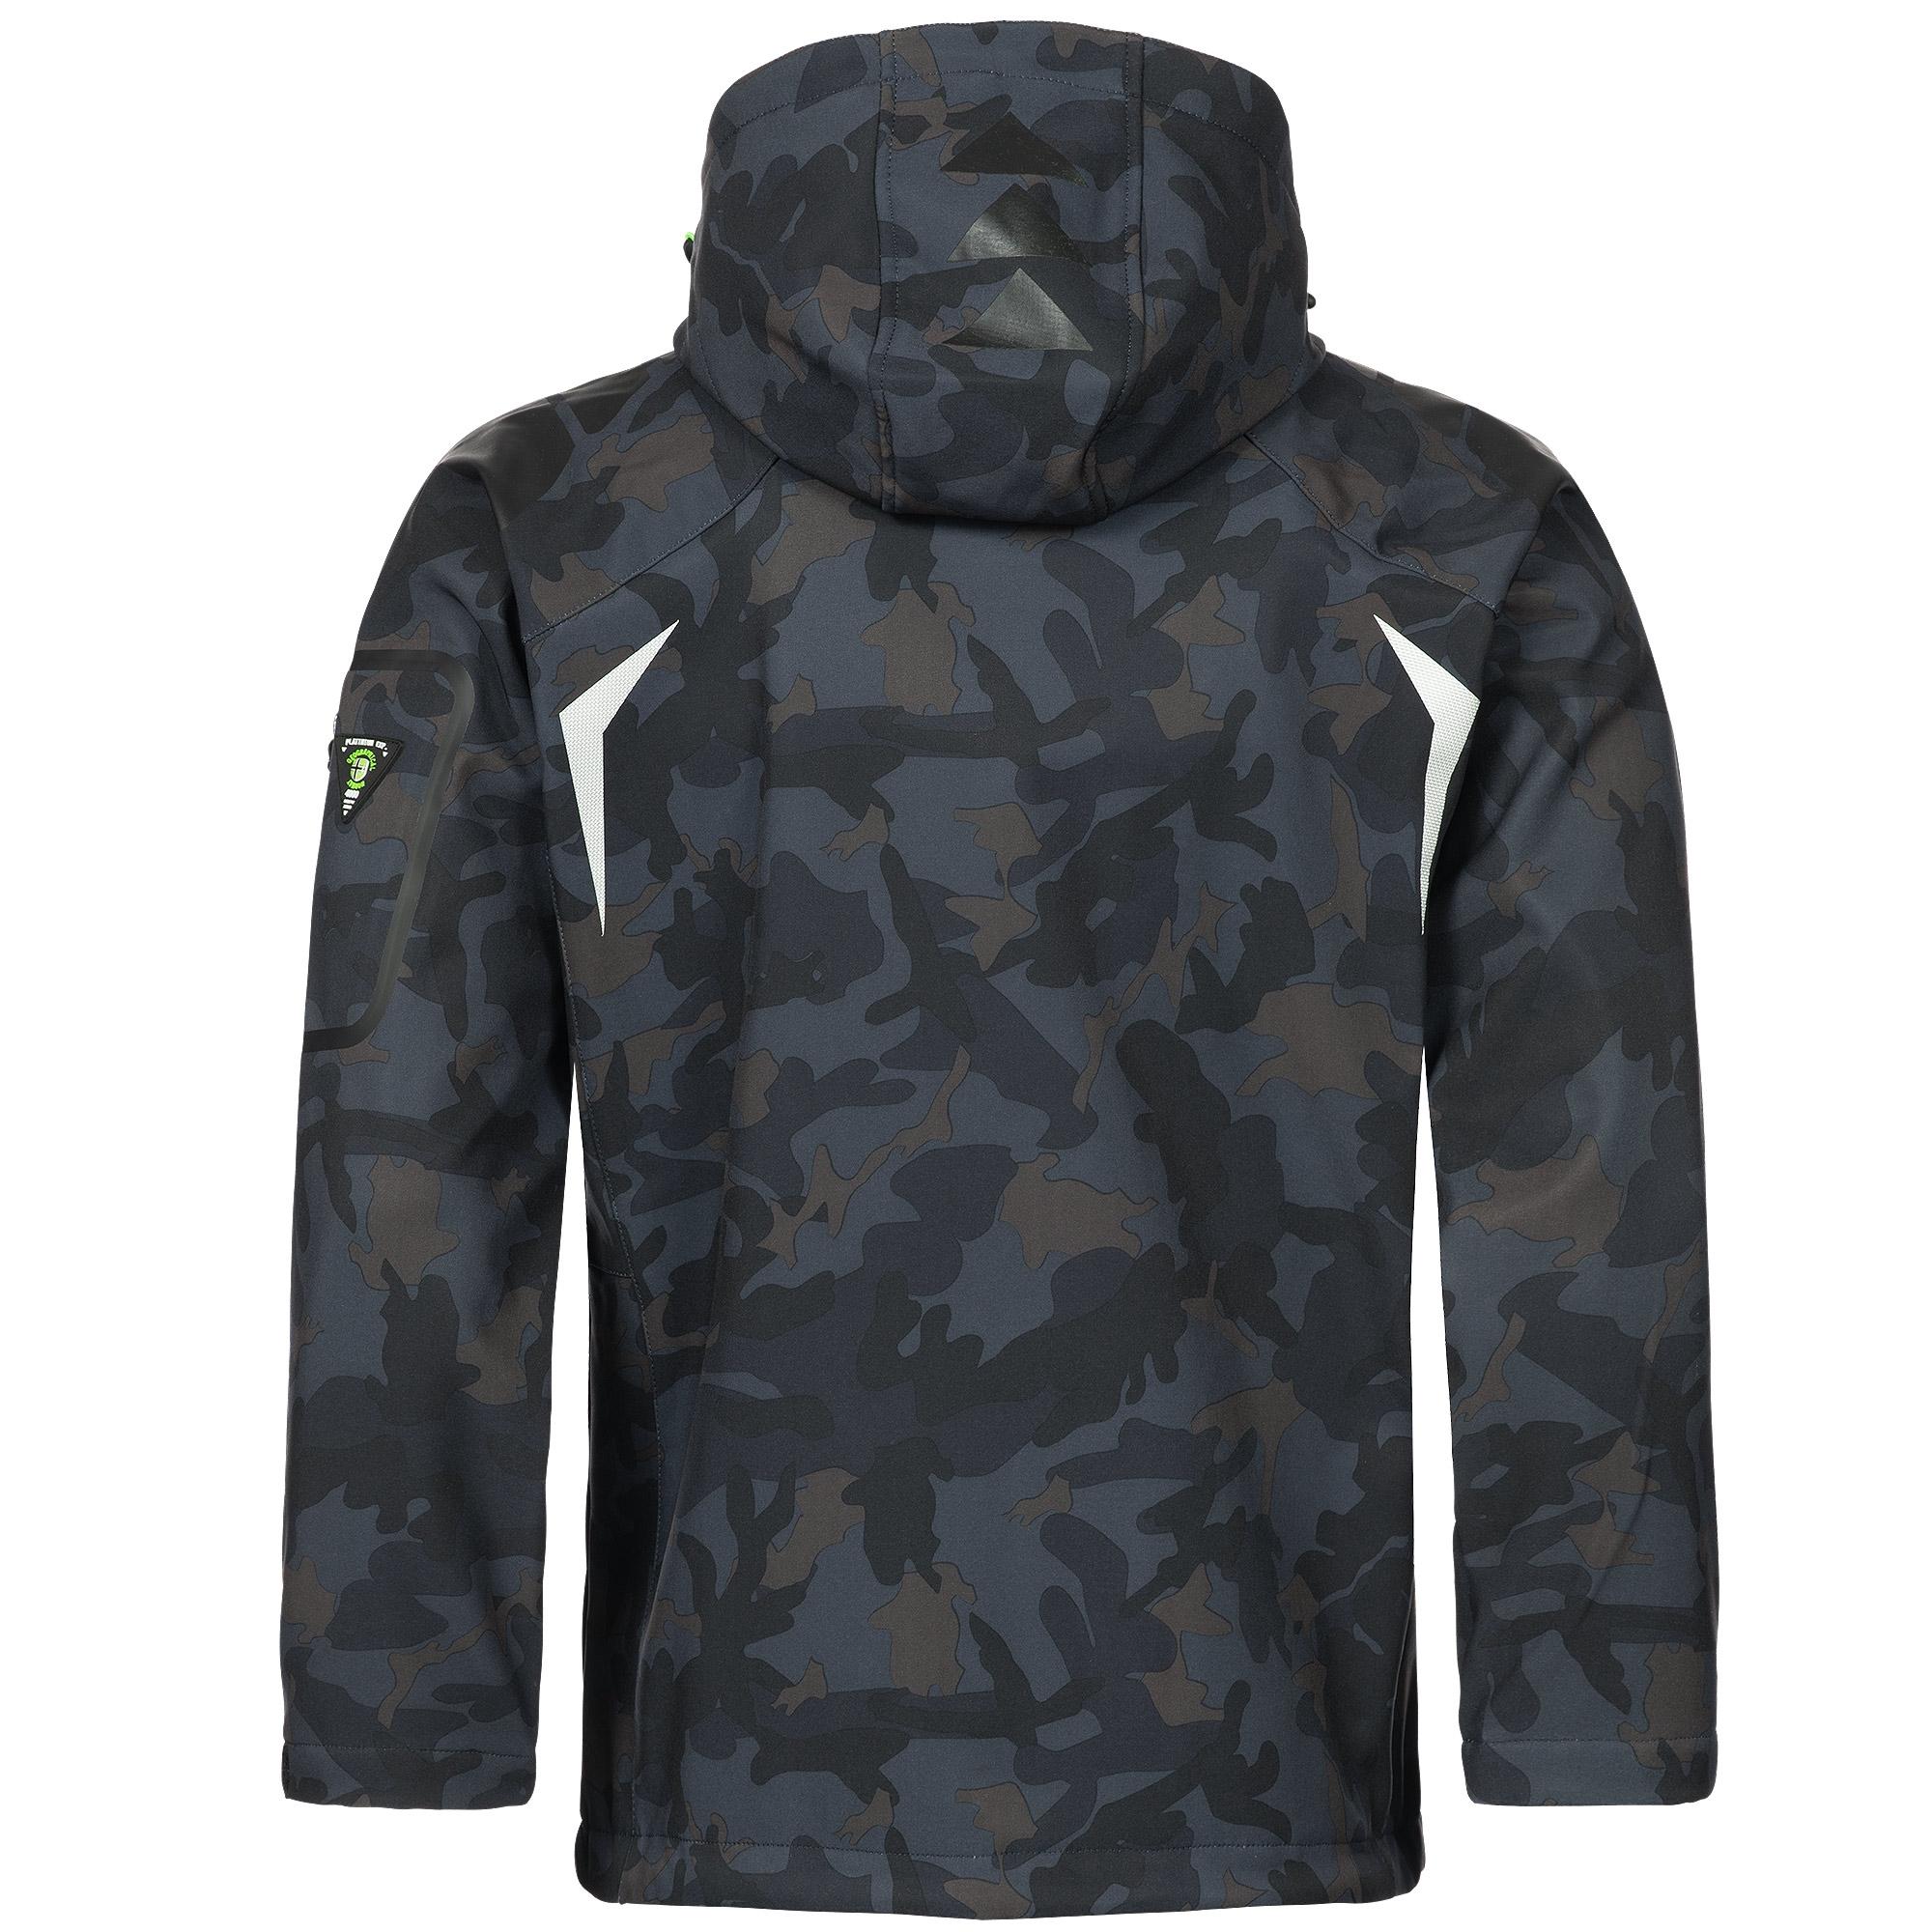 Geographical-Norway-Camouflage-Herren-Softshell-Funktions-Outdoor-Regen-Jacke Indexbild 7